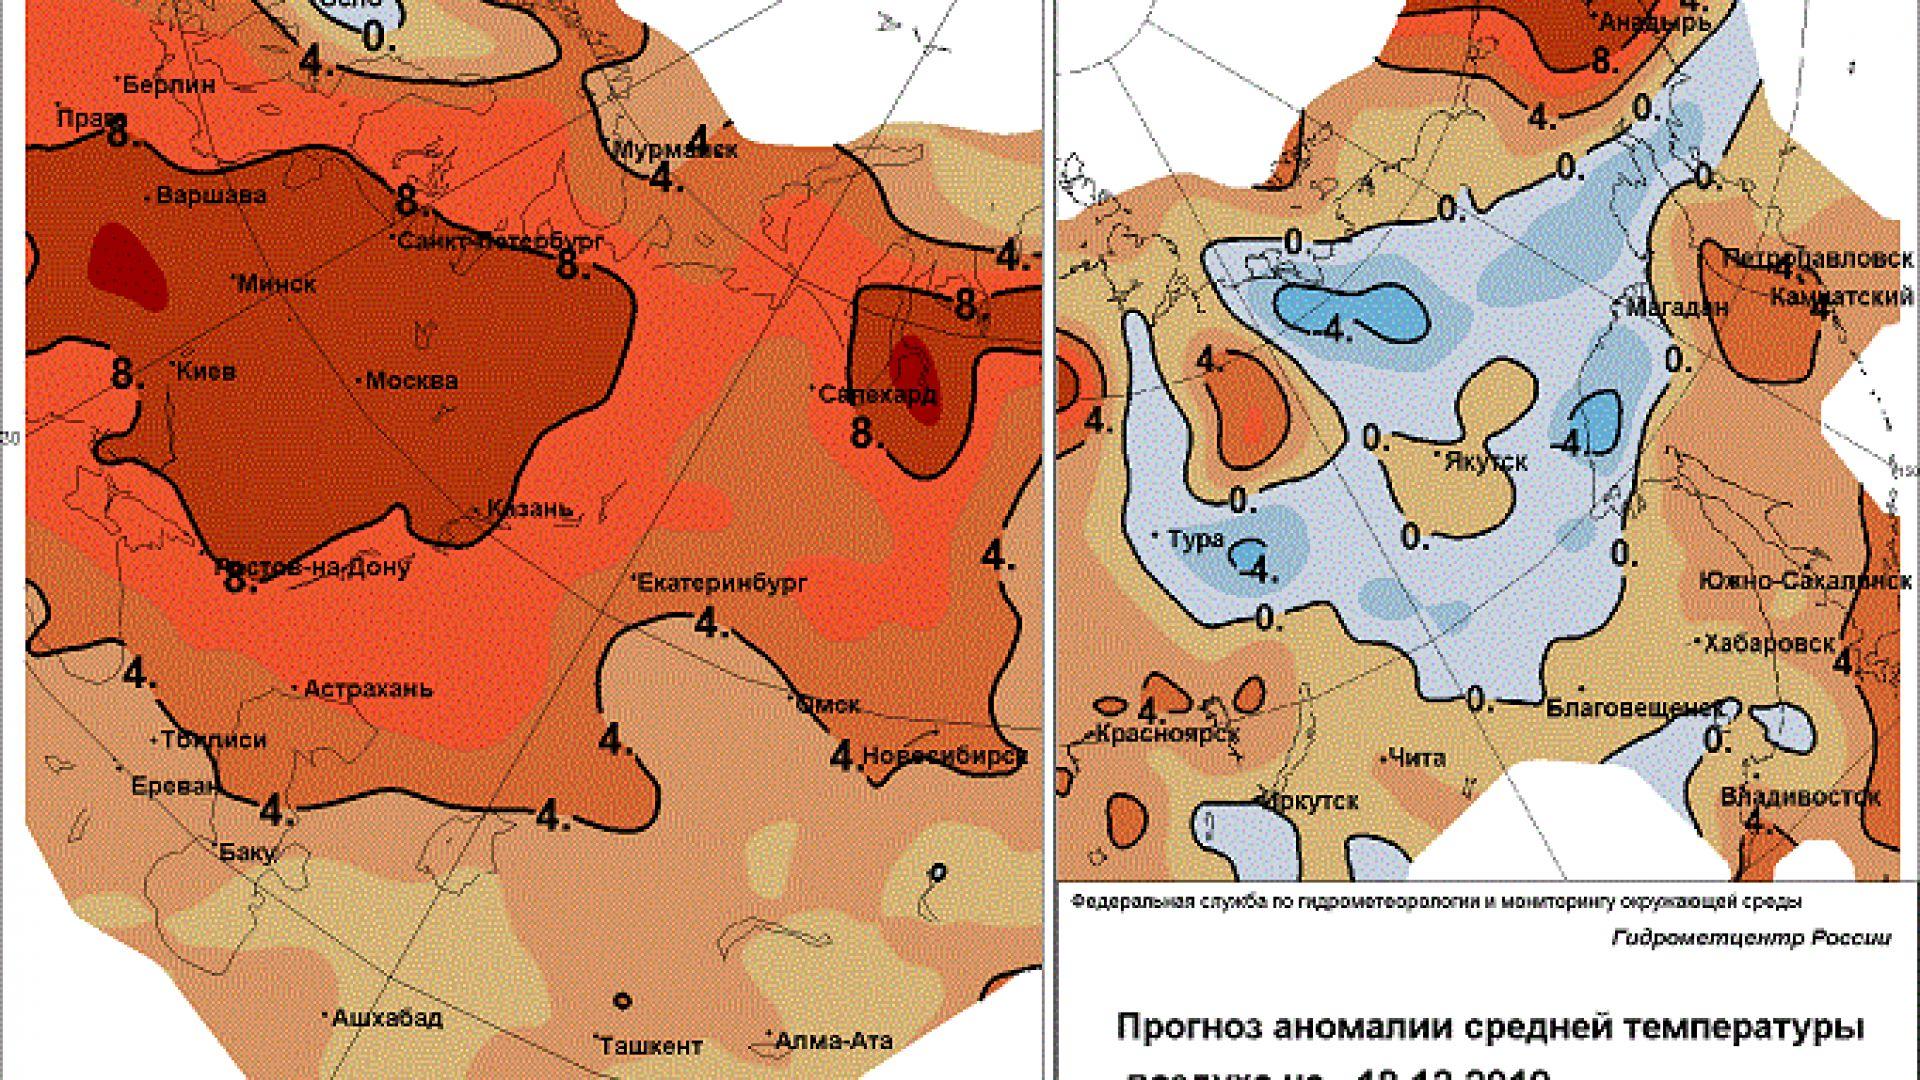 Температурните аномалии в почти цял Сибир също са в оранжево